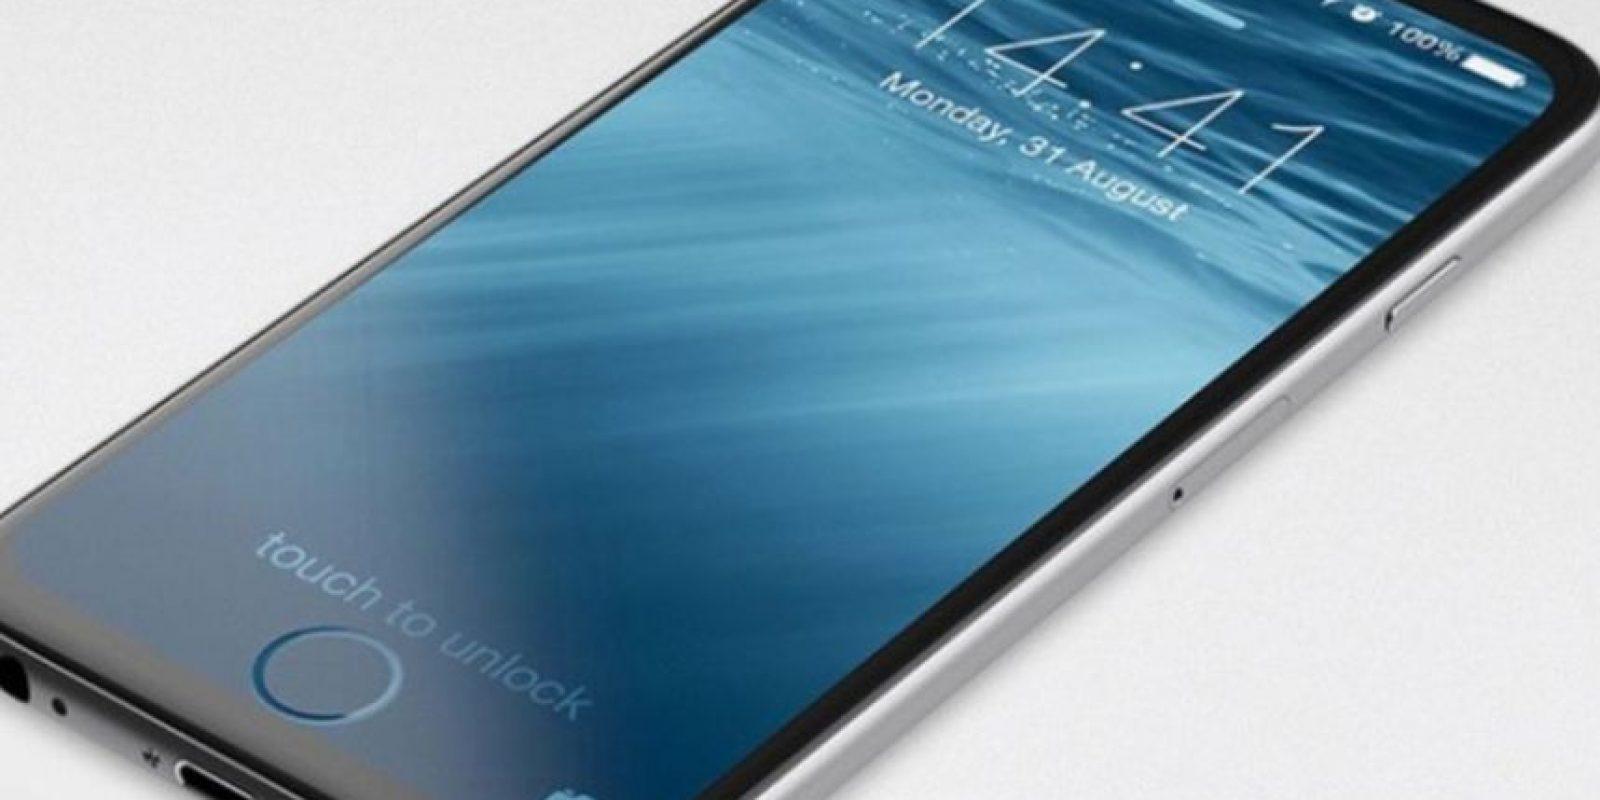 Analistas comienzan a señalar las posibles características del próximo iPhone. Foto:Tumblr